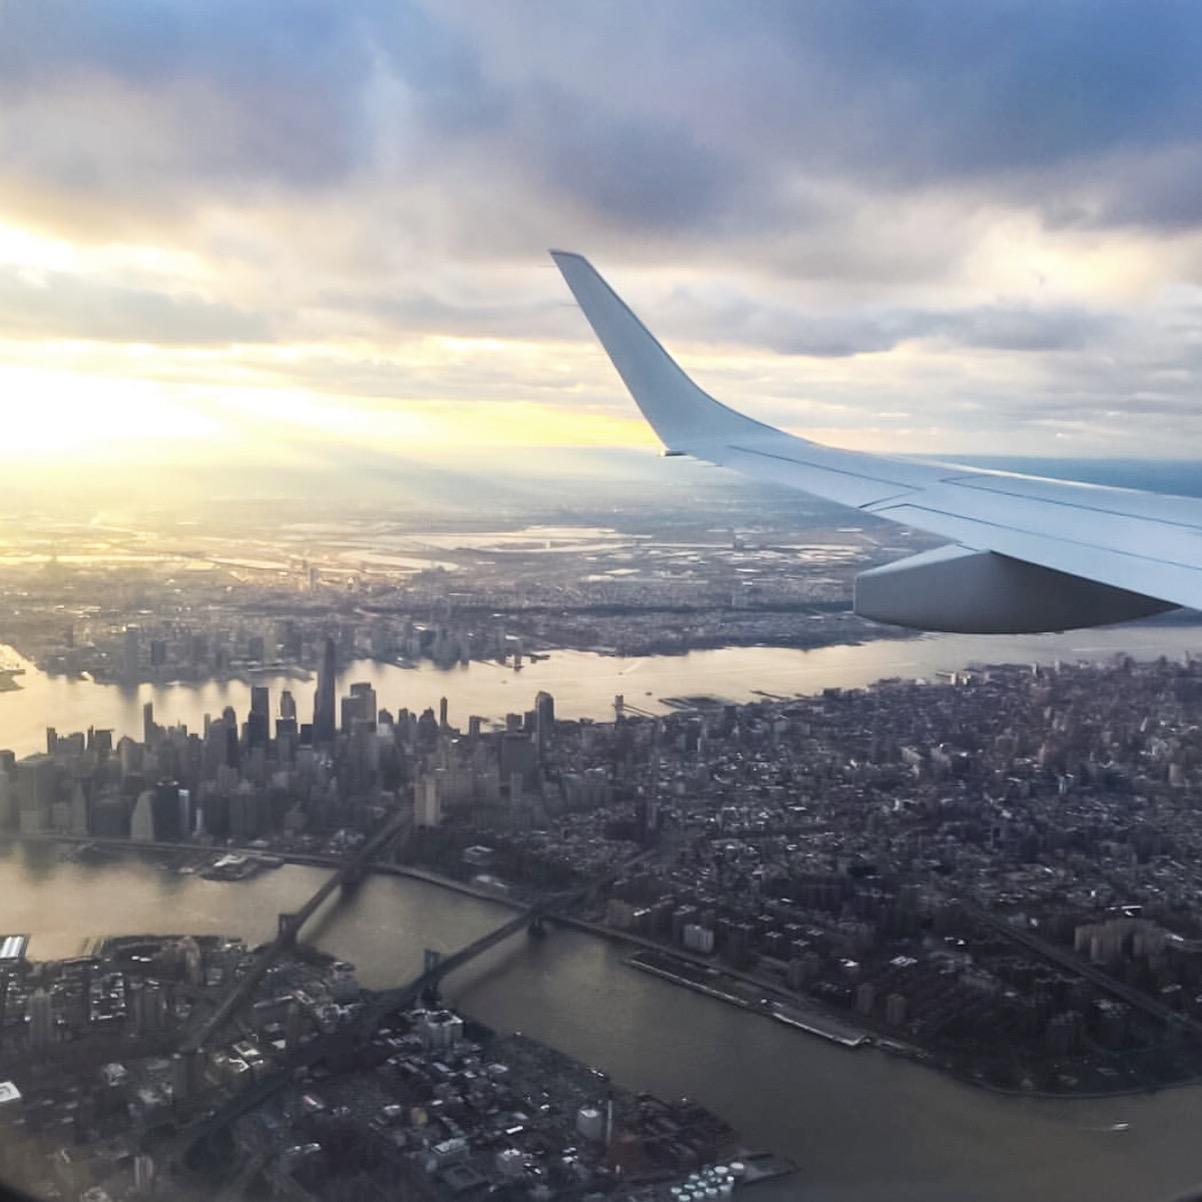 Goodbye NYC! Off to Hong Kong I go!